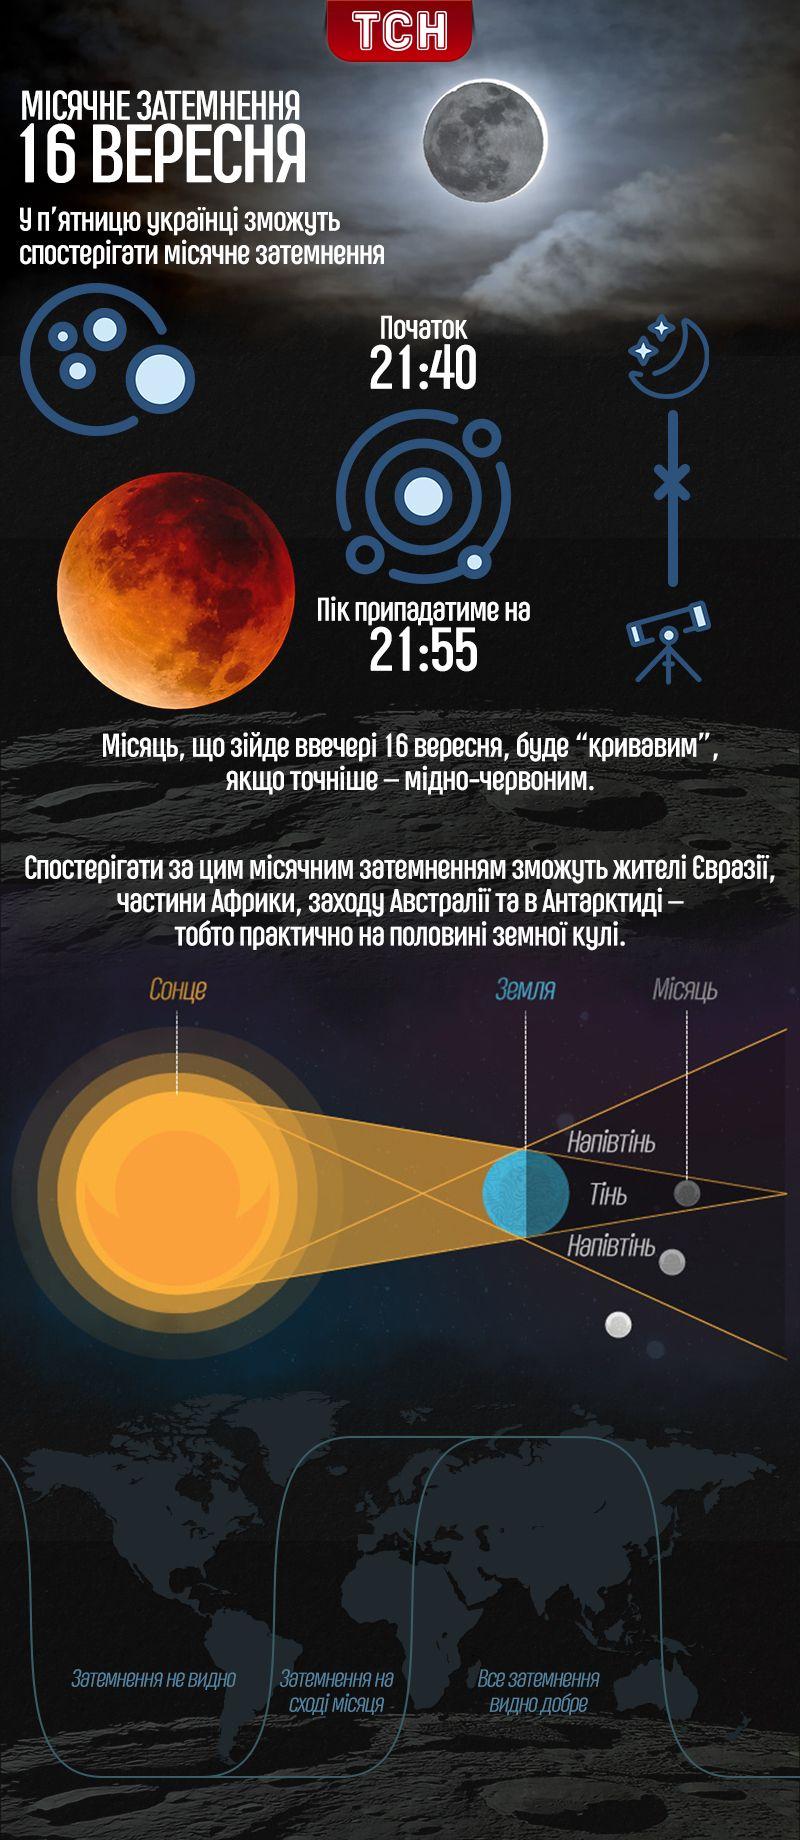 Місячне затемнення